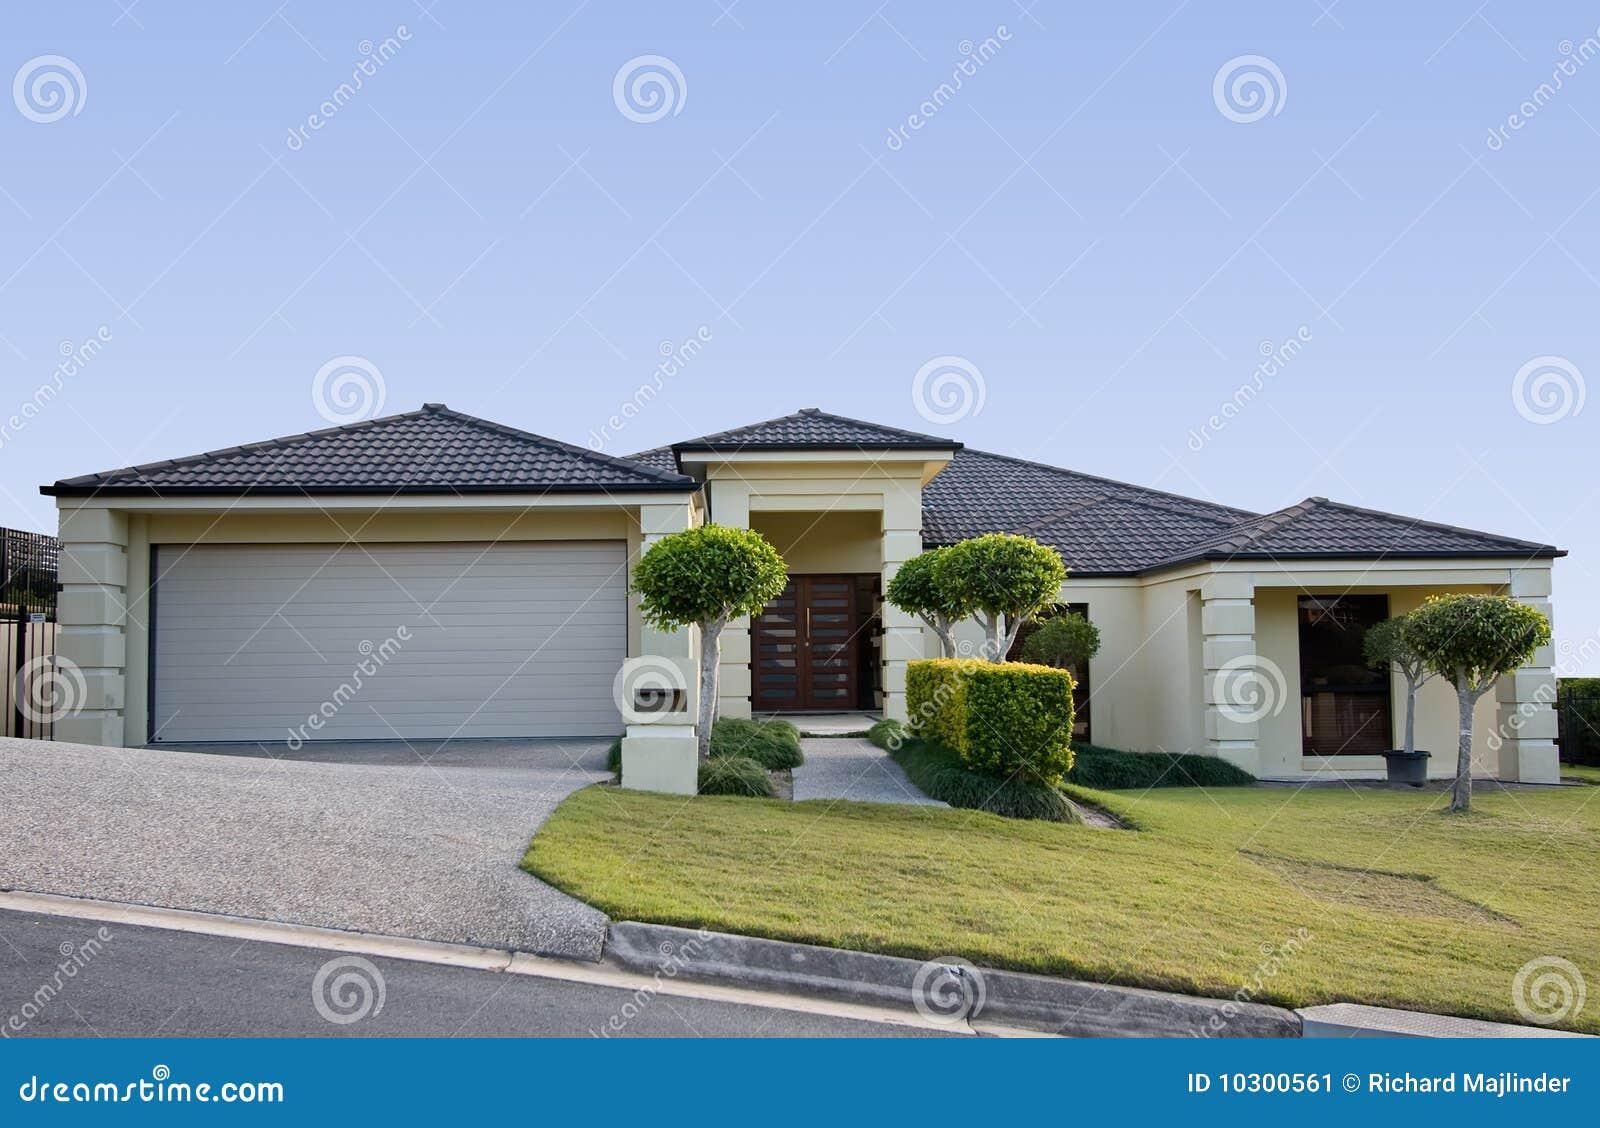 Casa moderna in un disegno contemporaneo immagine stock for Disegno di una casa